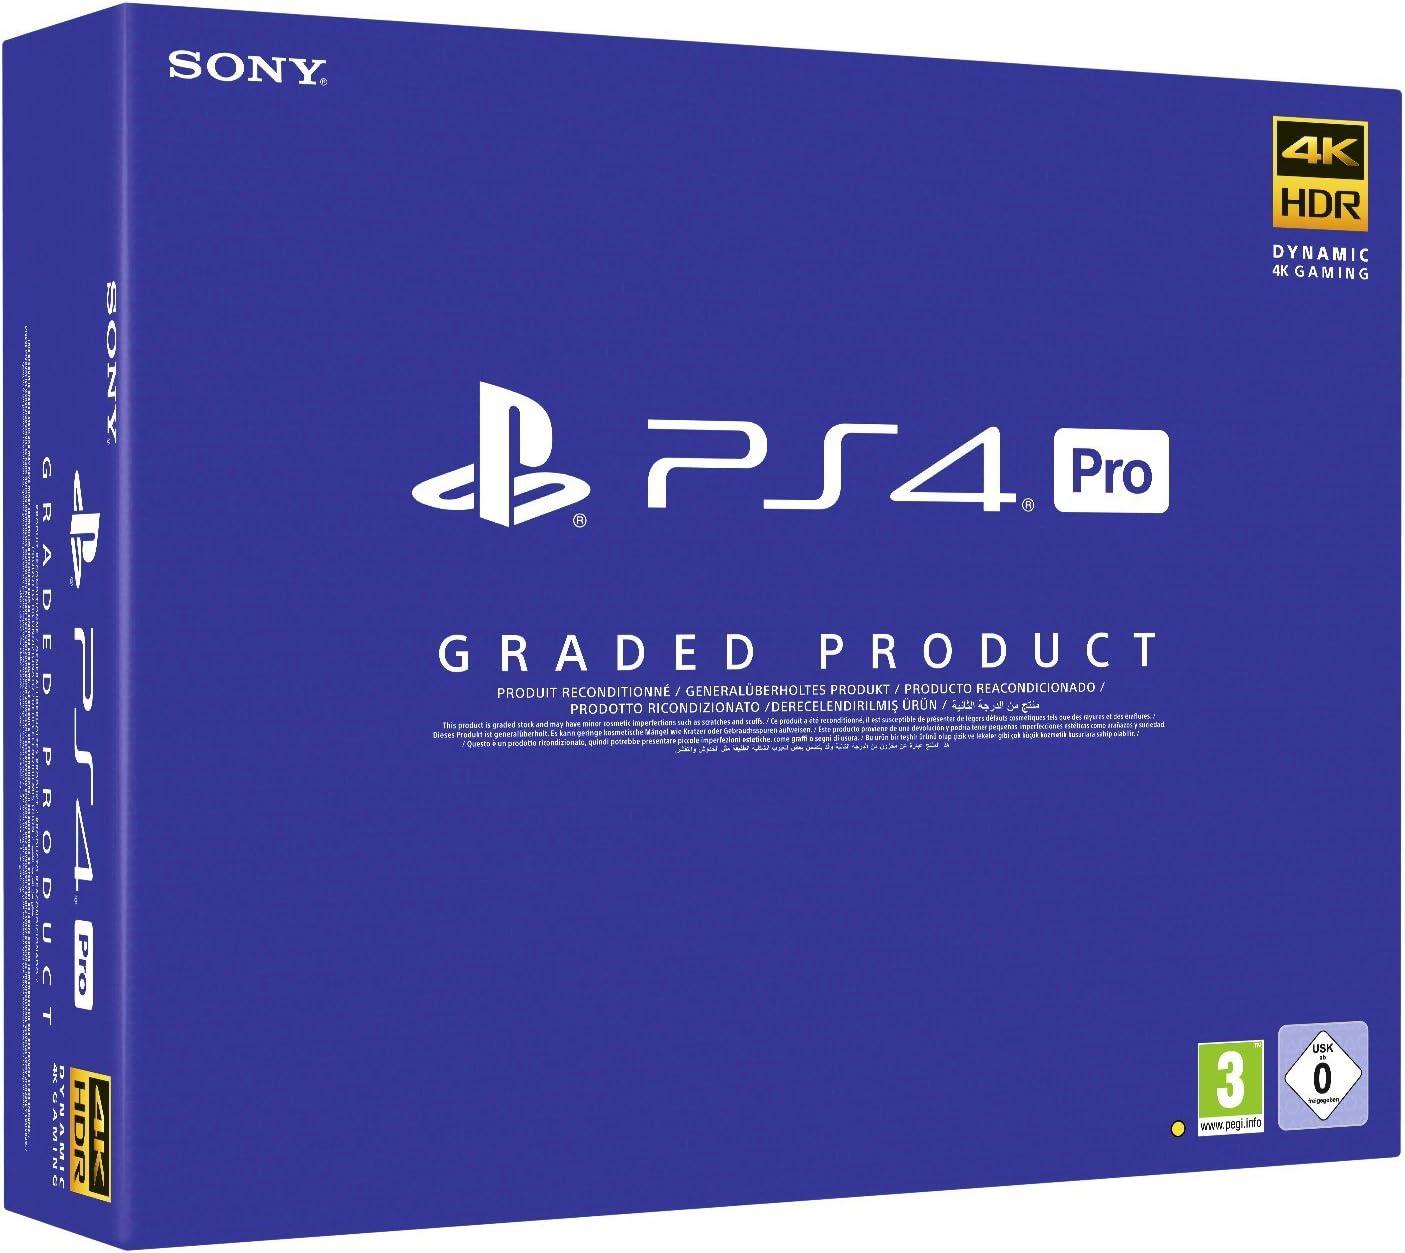 Graded Retail Ps4 Pro 1Tb B - PlayStation 4 (Ricondizionata) [Importación italiana]: Amazon.es: Videojuegos